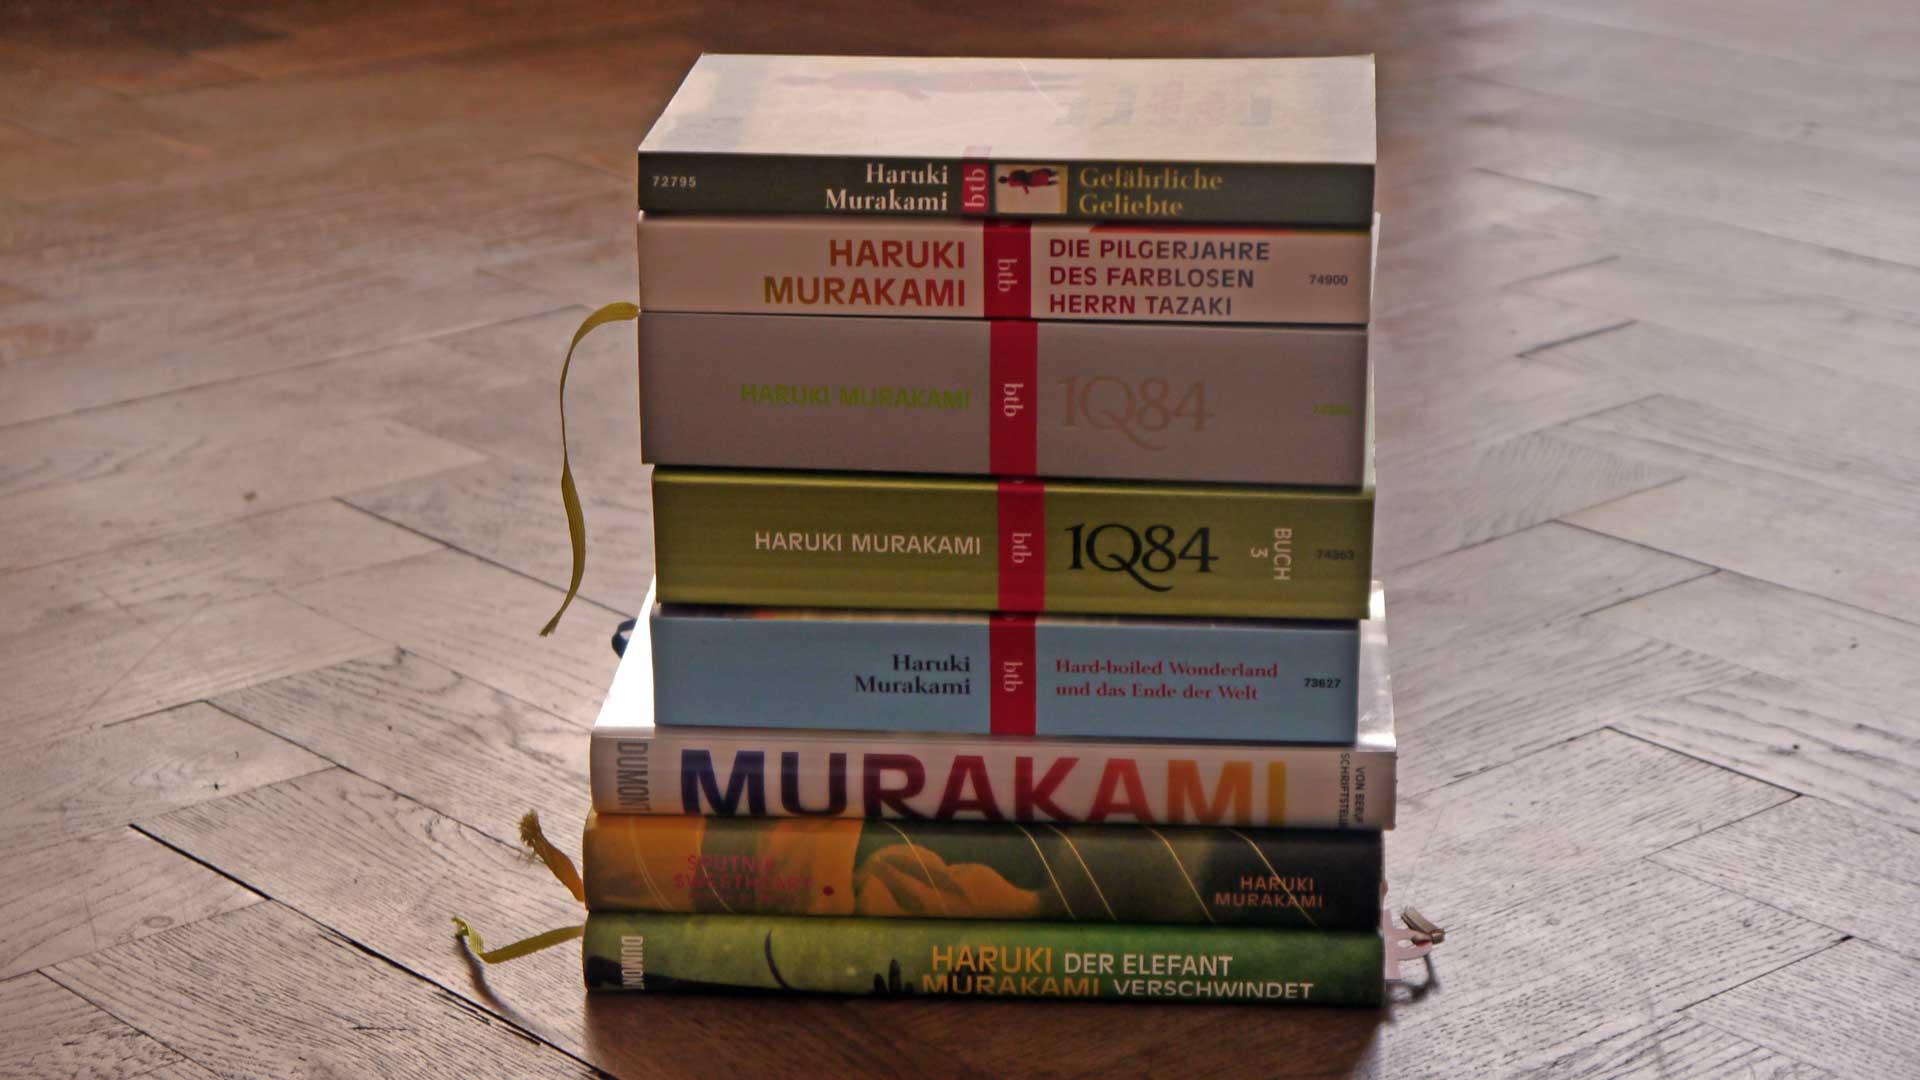 Der japanische Schriftsteller hat mittlerweile bereits rund 30 Werke verfasst, darunter Romane, Erzählungen und Sachbücher. (Foto: Sommerdiebe.de)